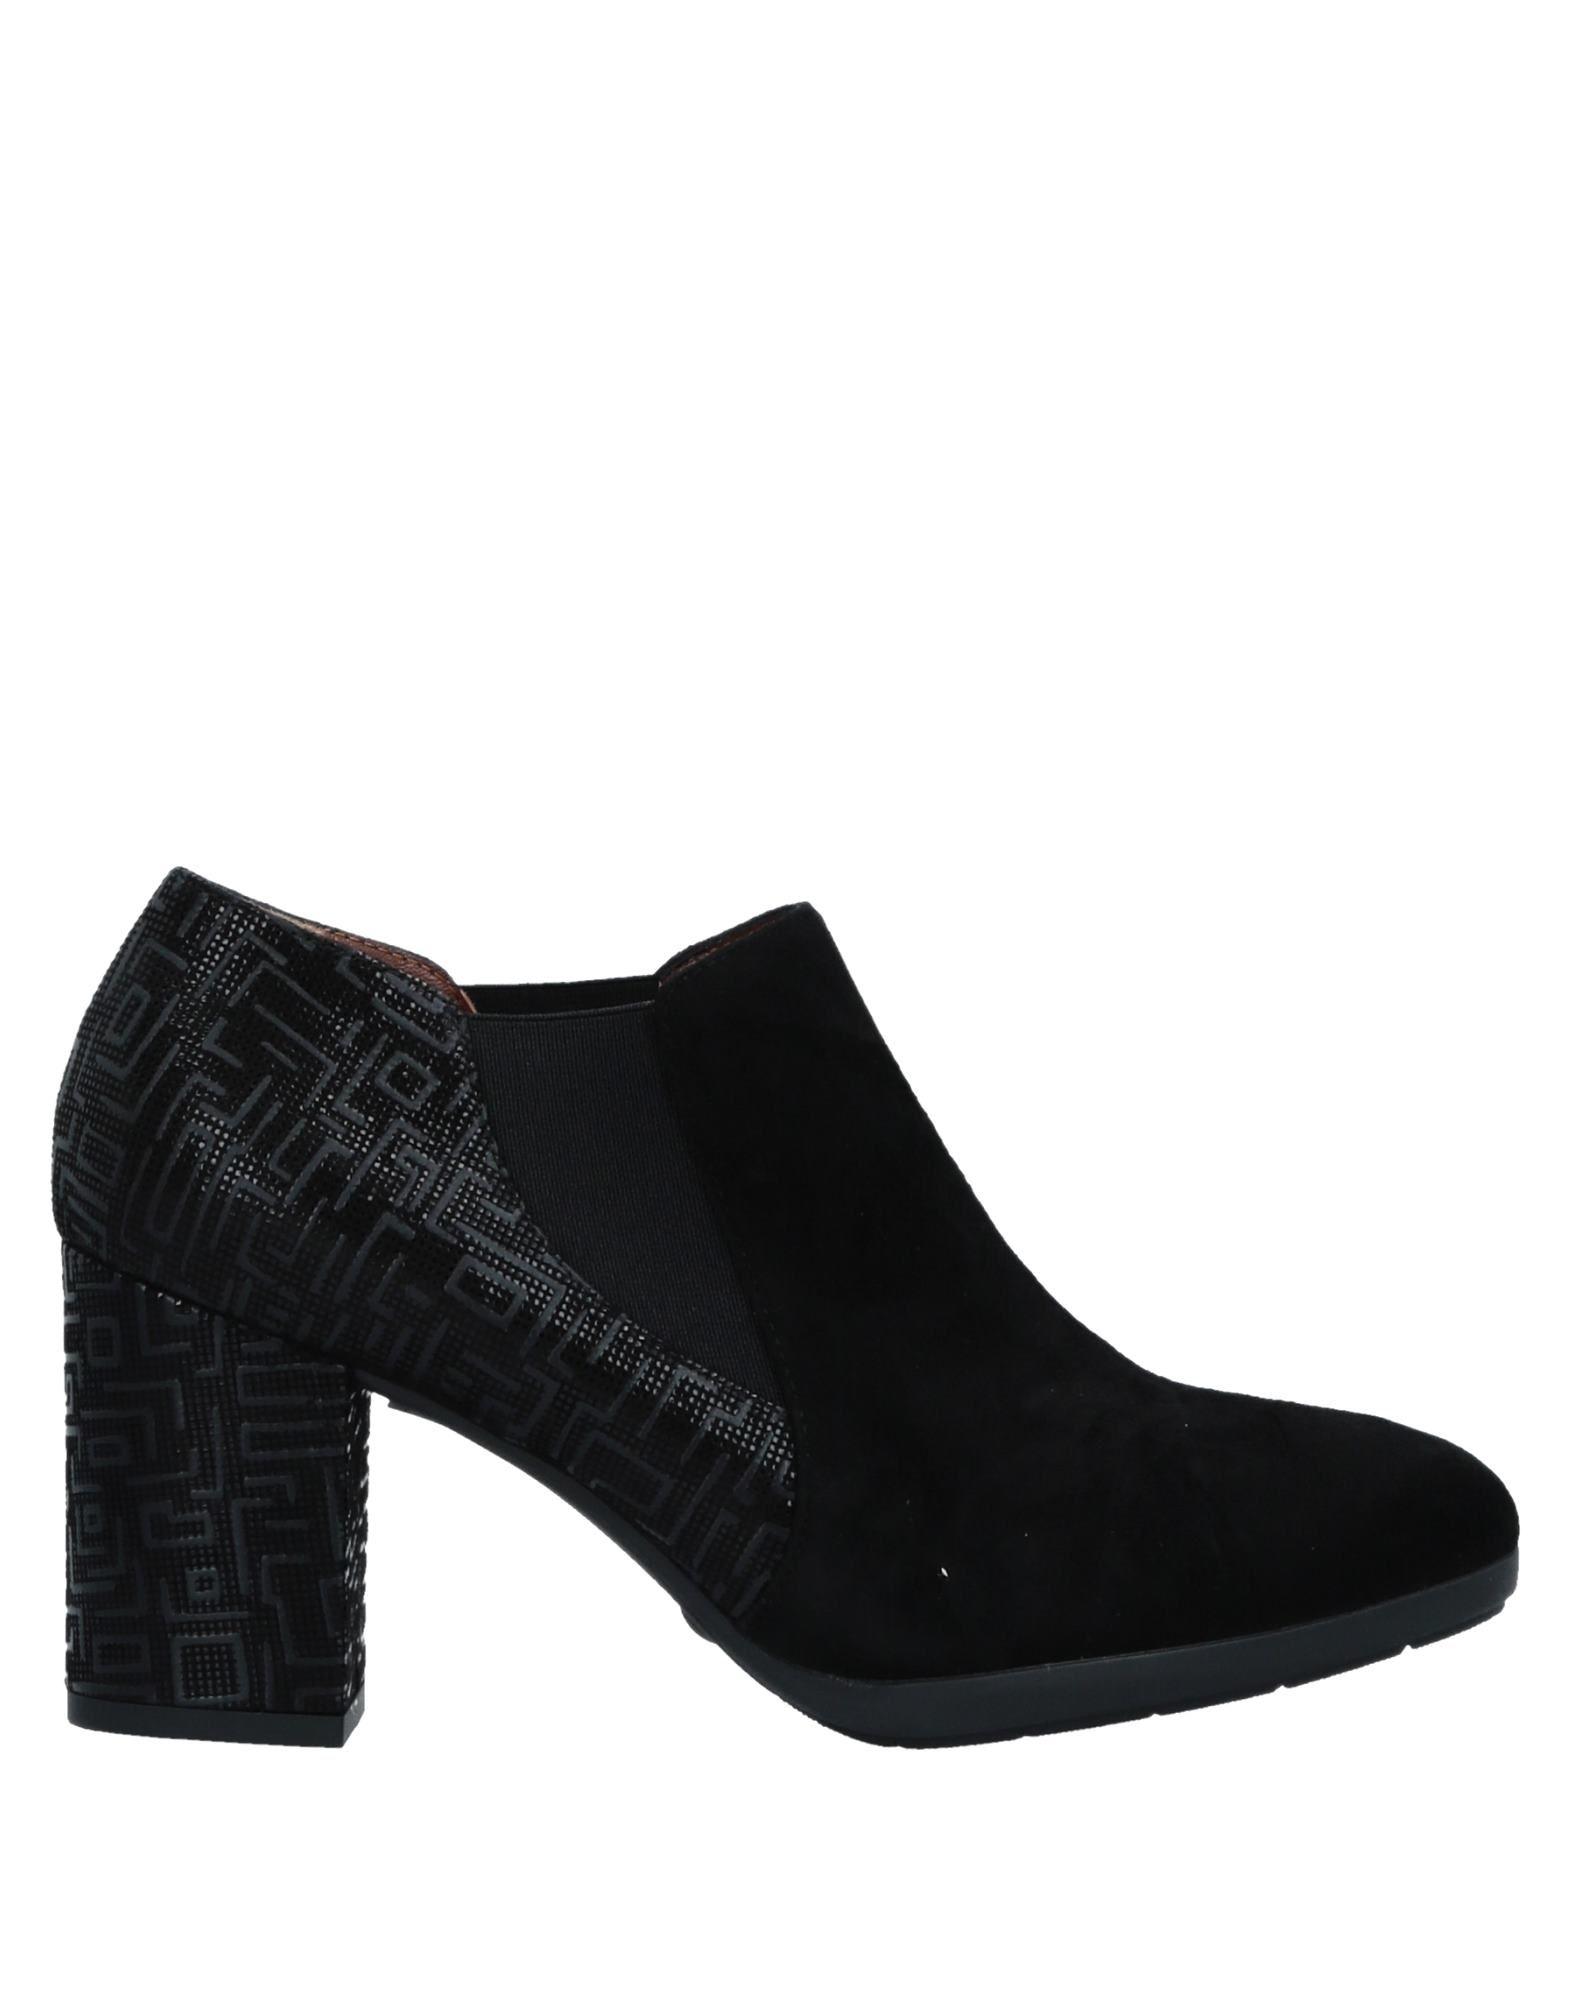 F.Lli Bruglia Stiefelette Damen Damen Stiefelette  11517977IR Neue Schuhe 52b03c